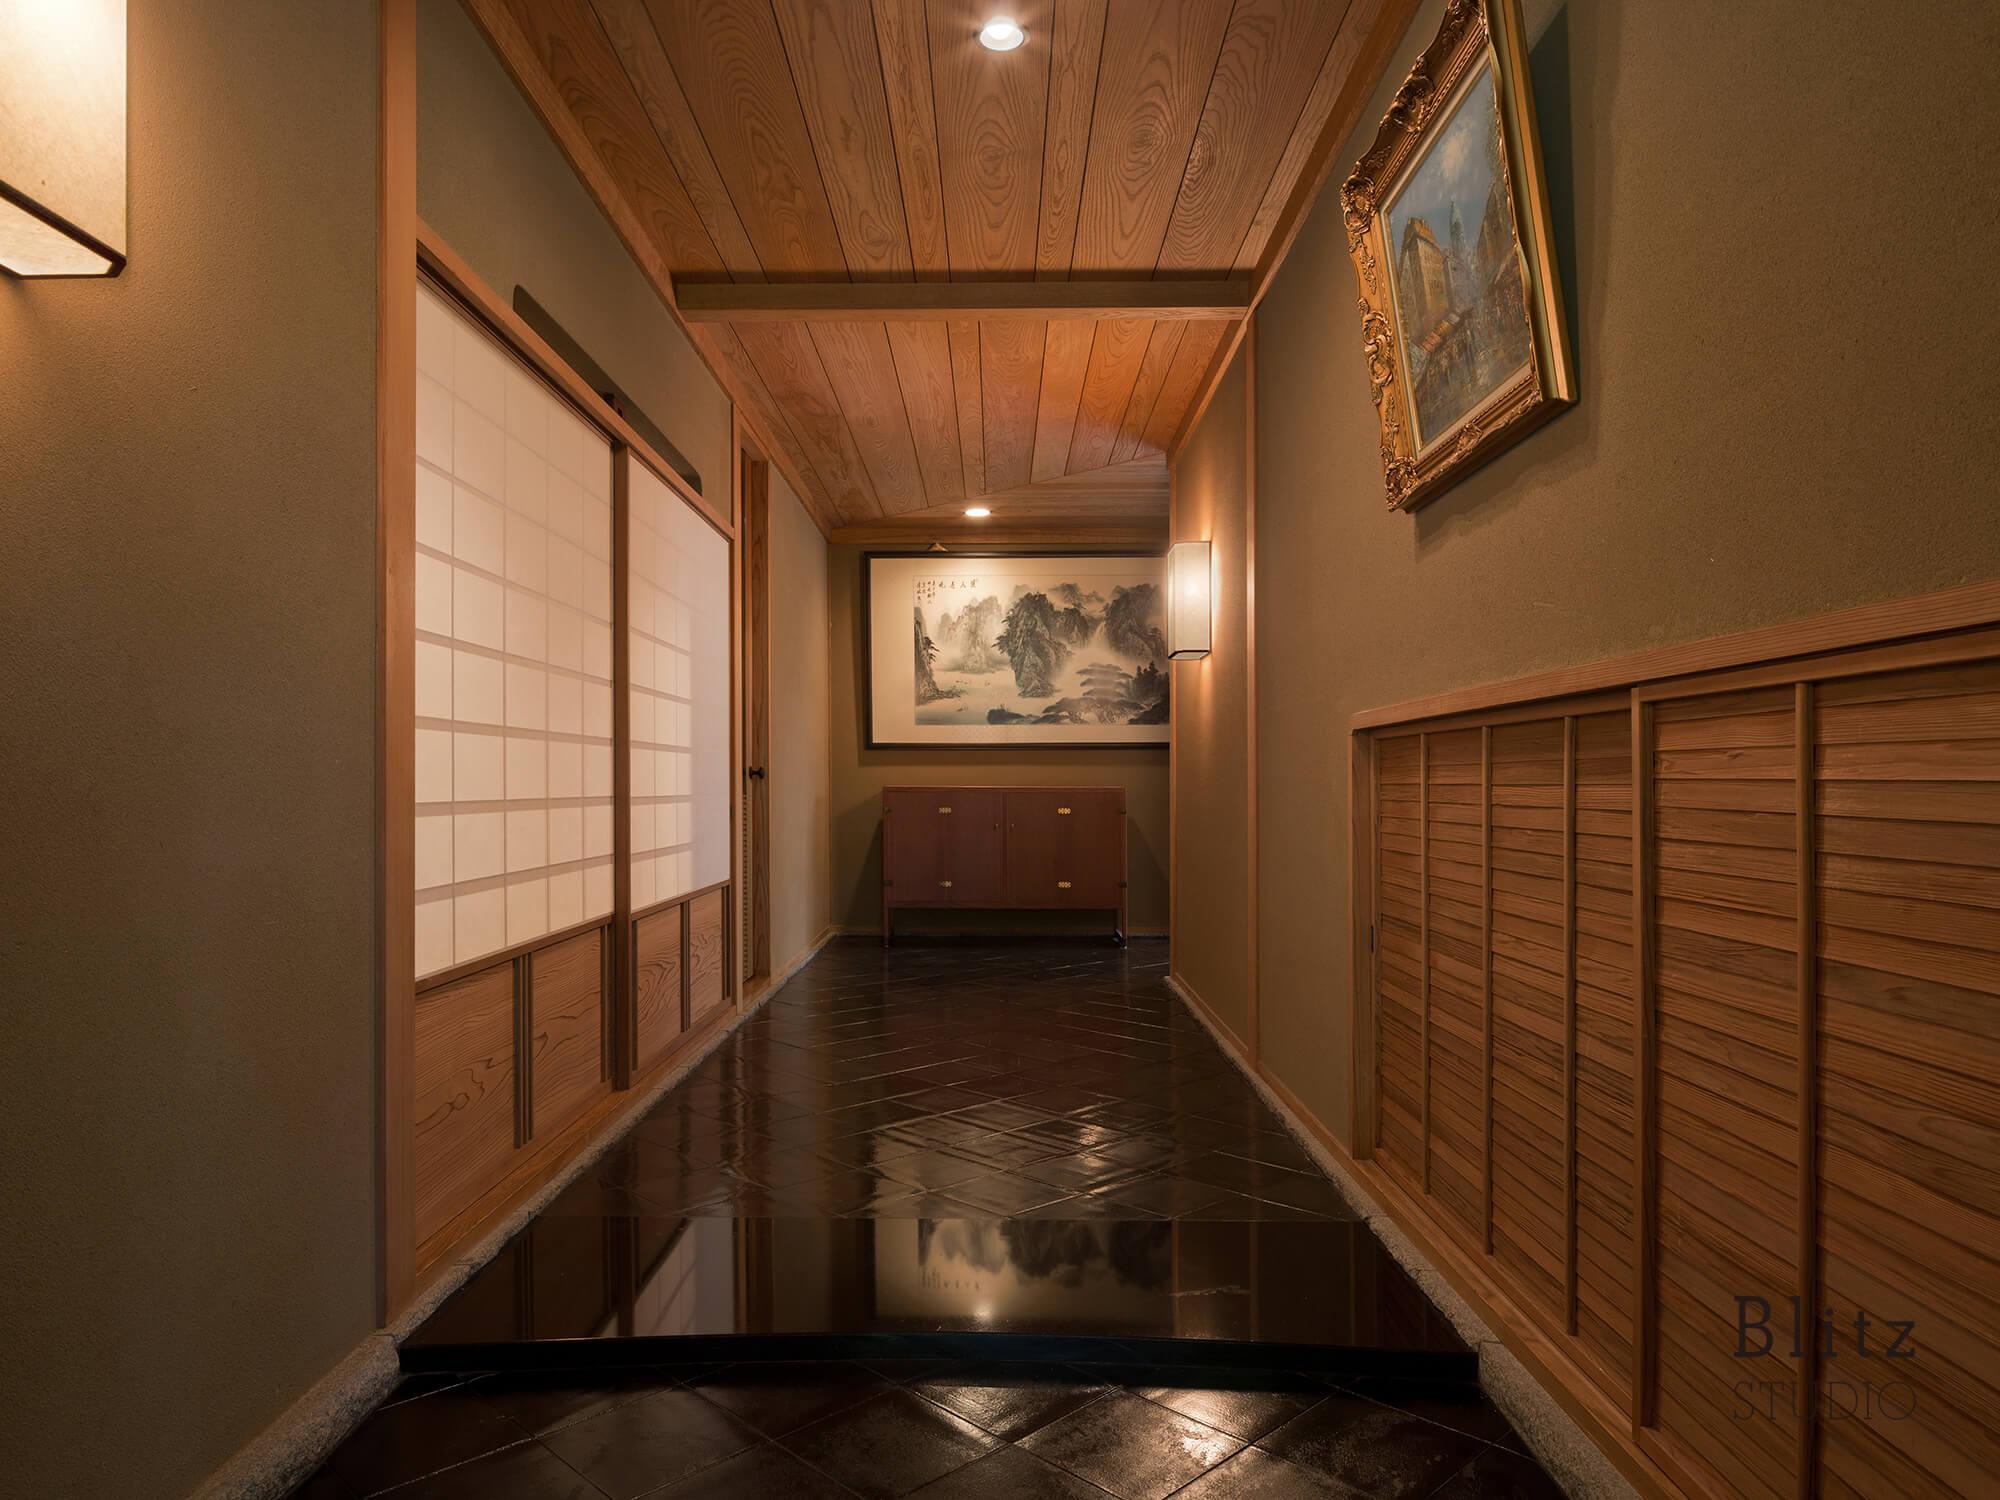 『宗像名残荘』建築写真・竣工写真・インテリア写真29